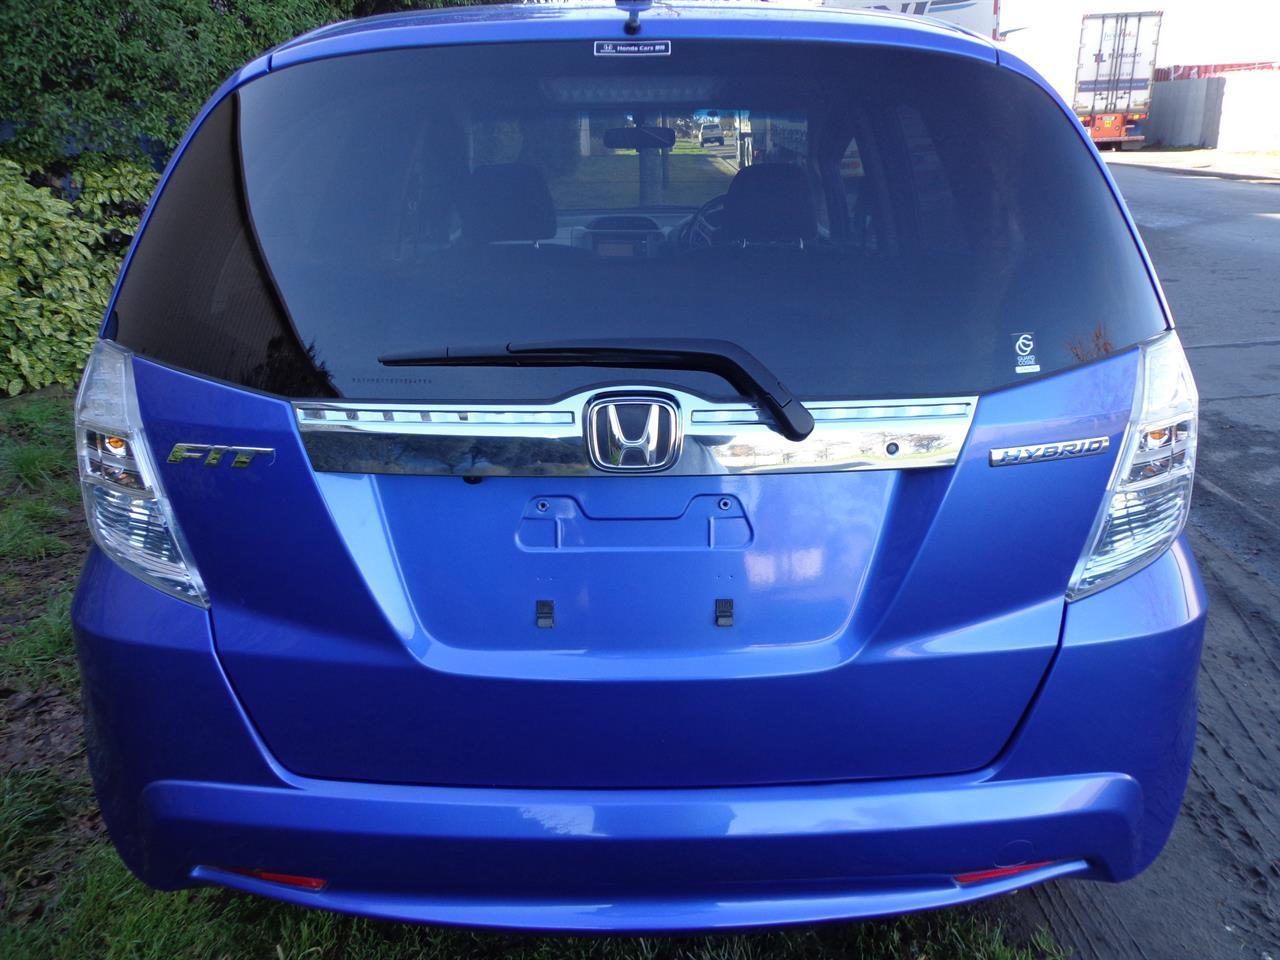 image-2, 2012 Honda FIT HYBRID at Christchurch